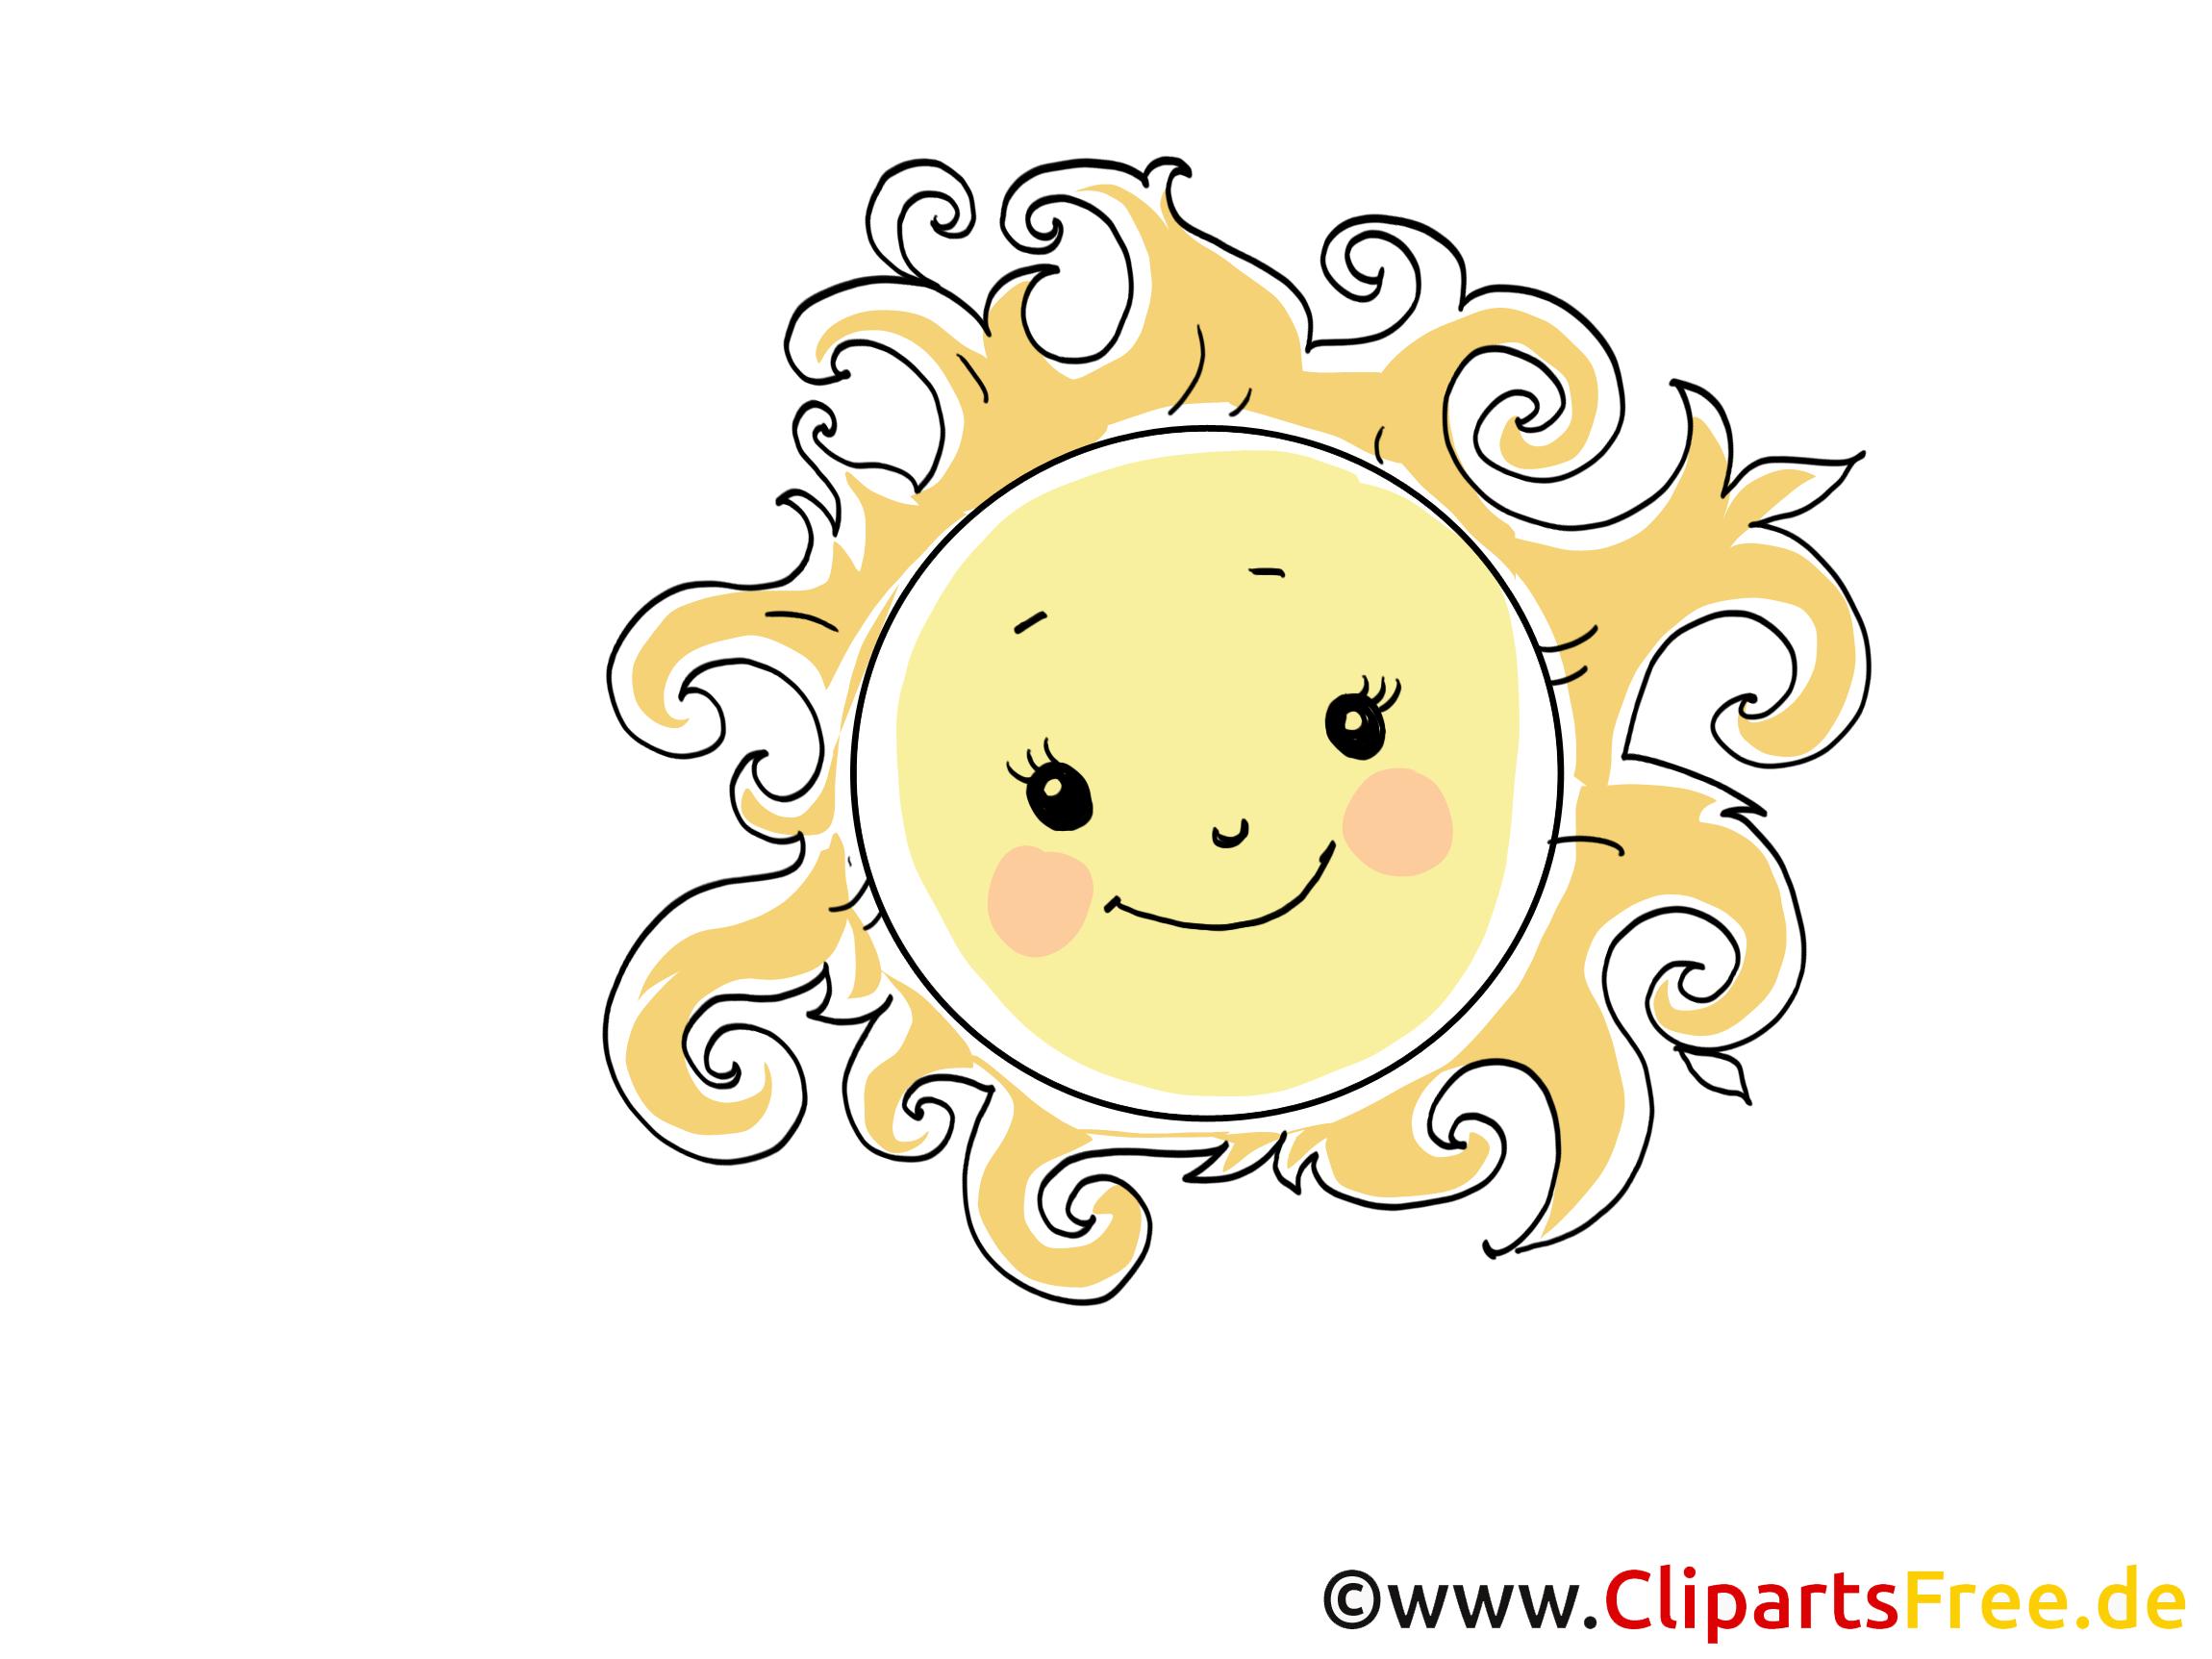 Célèbre Chaleur clipart gratuit - Soleil images gratuites - Temps images  LB45